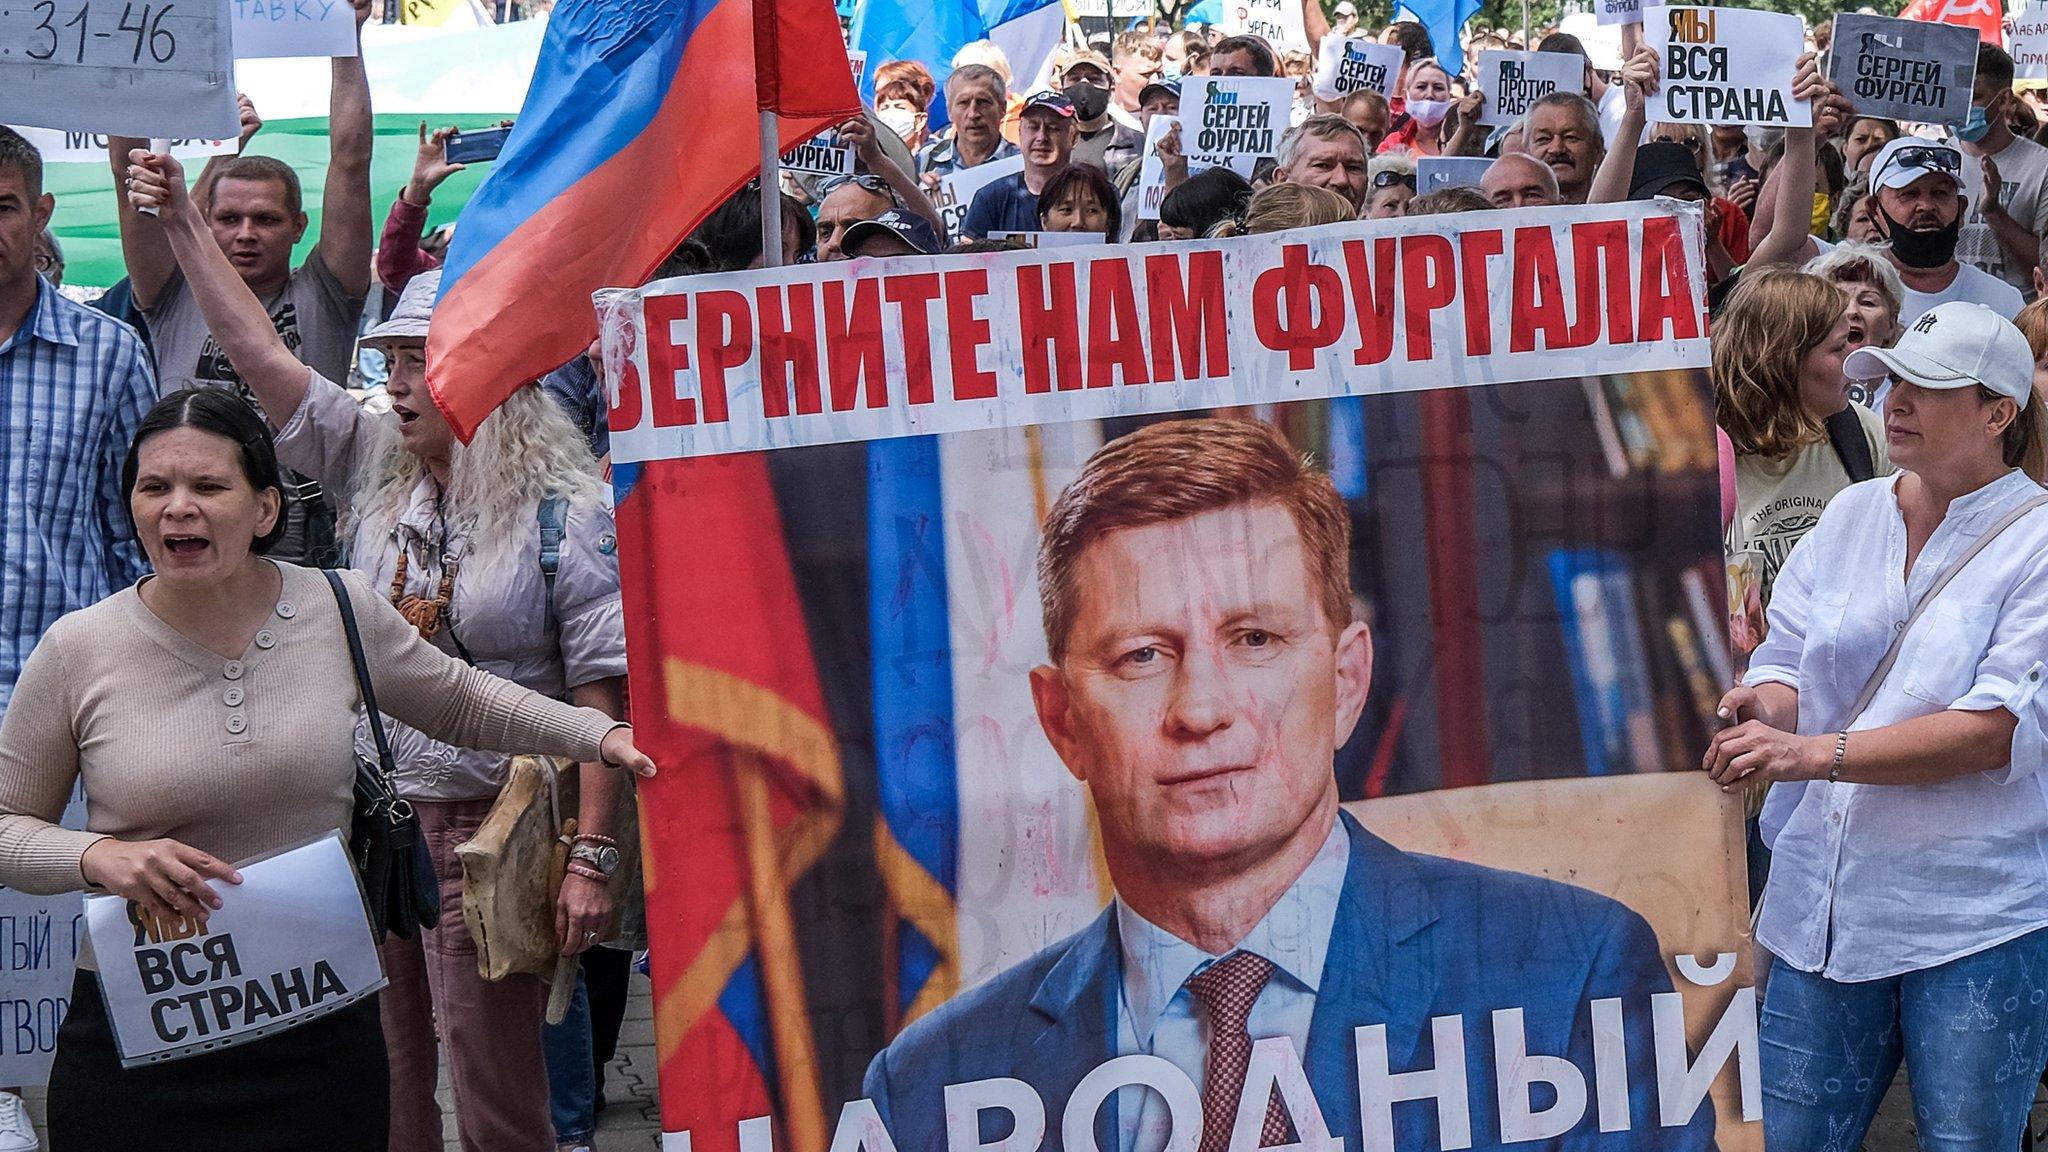 Протест в Хабаровске, день 36-й: солидарность с Беларусью и трек Славы КПСС